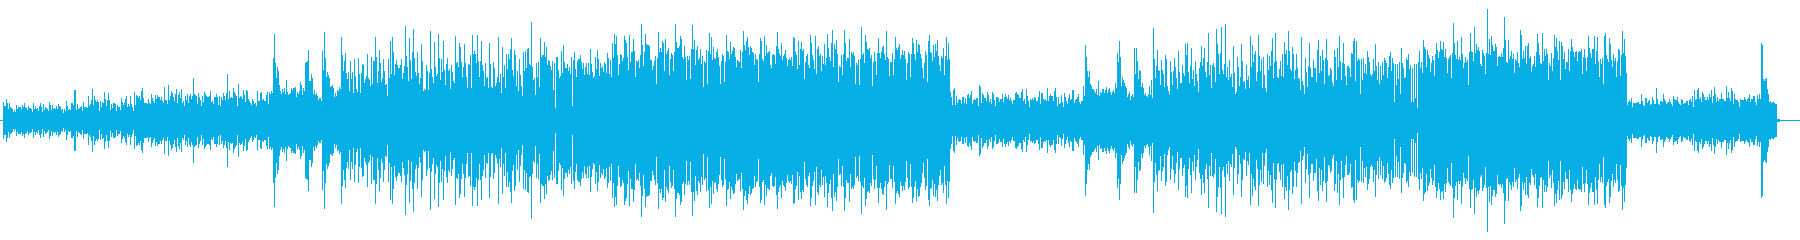 番組オープニングシンセサイザーテクノ風の再生済みの波形